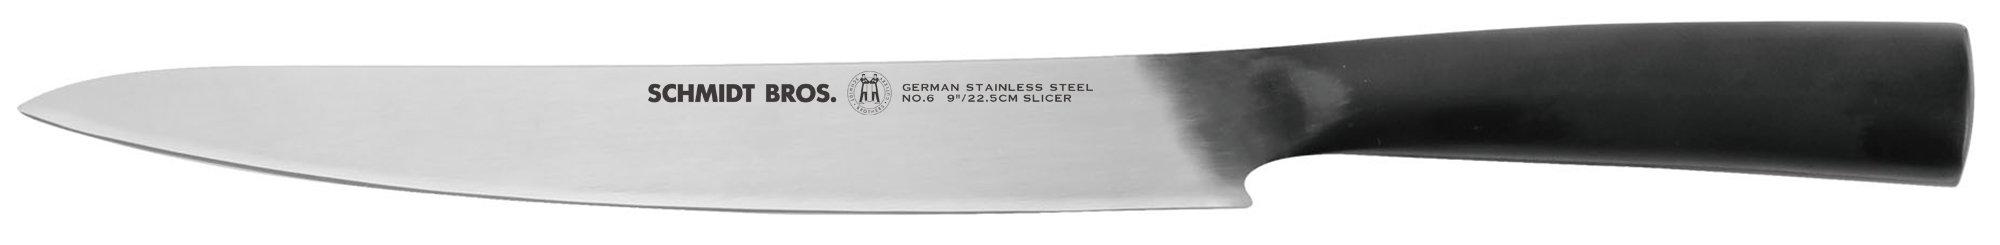 Hudson Home Schmidt Brothers Cutlery,#6 Carbon 9'' slicer,Black